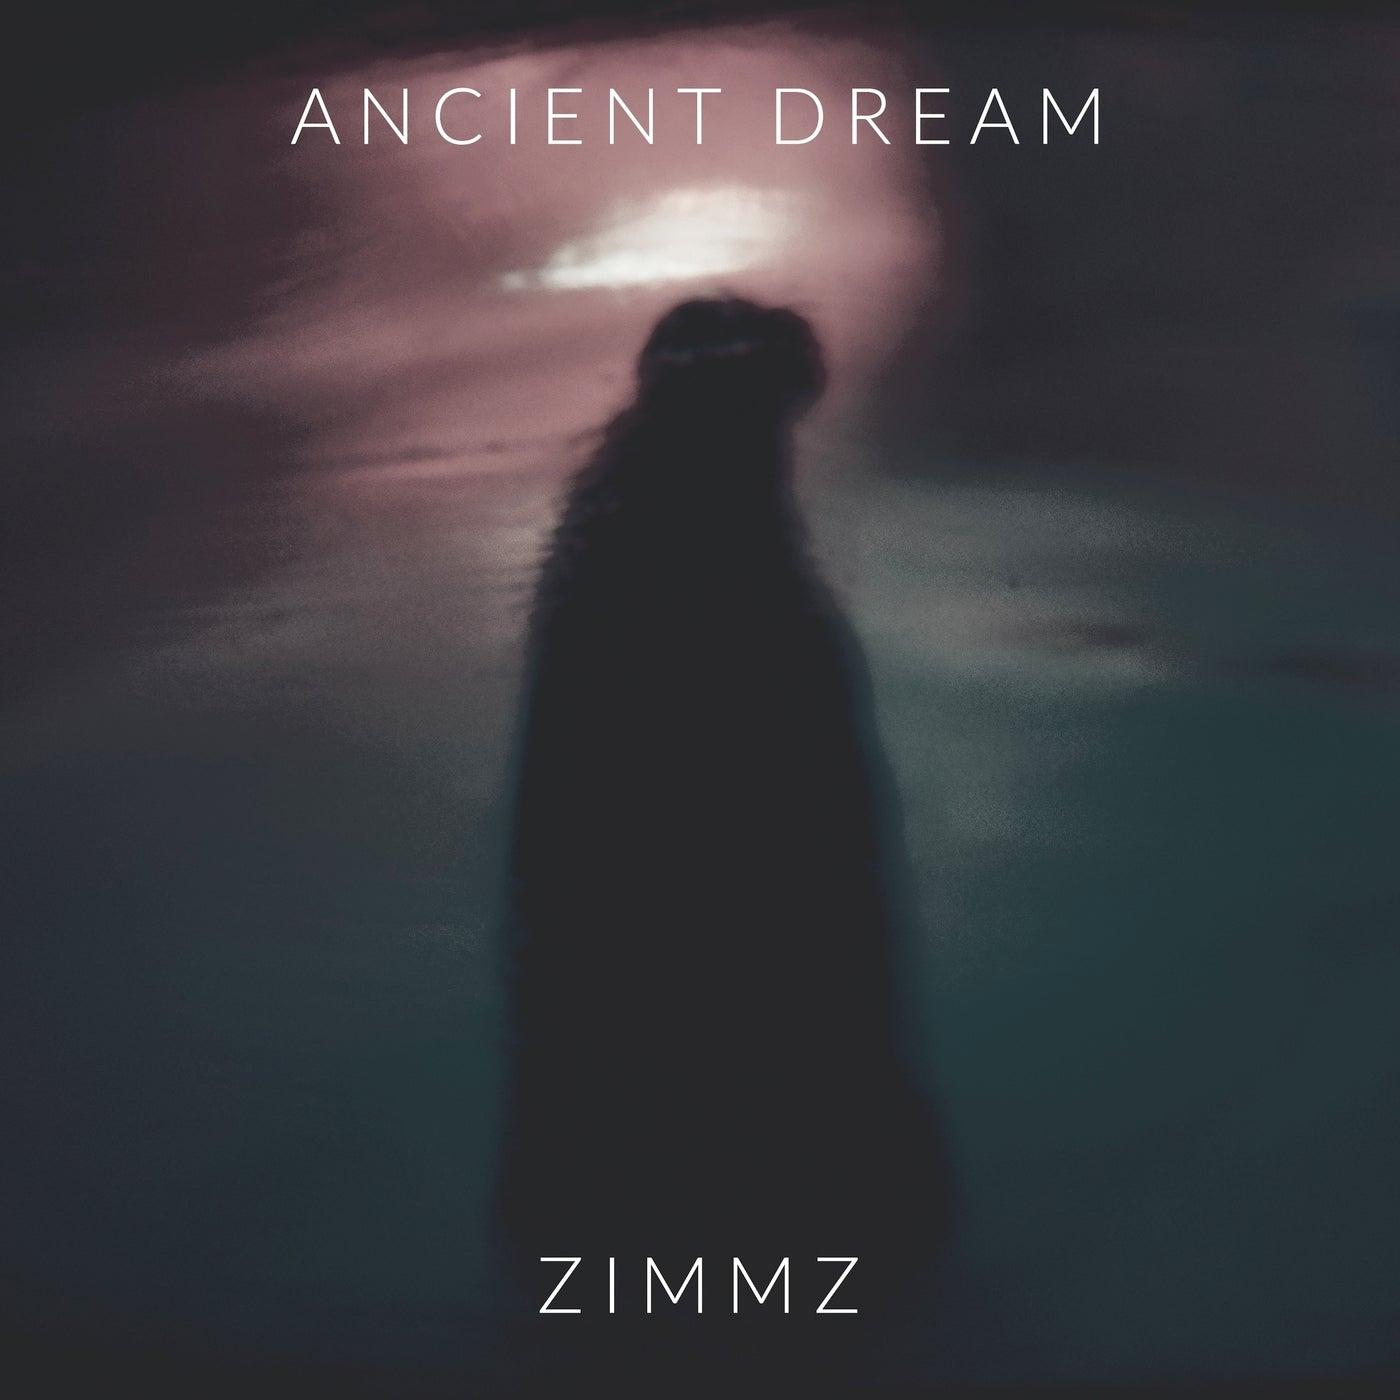 Ancient Dream (Original Mix)